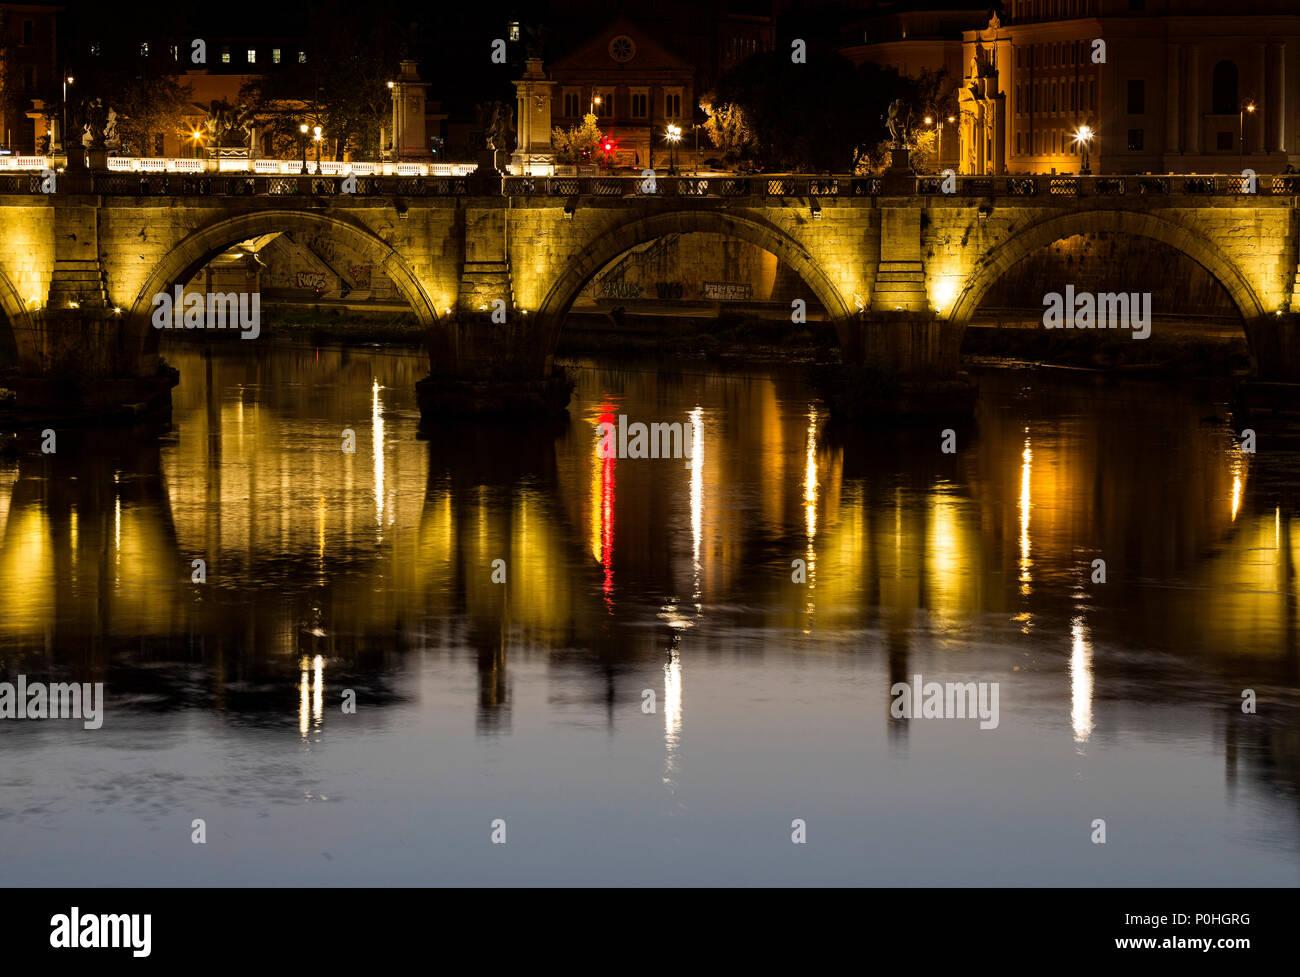 Die Lichter der Ponte Vittorio Emanuele II Bridge spiegeln sich in den Tibor Fluss in Rom, Italien. Stockbild